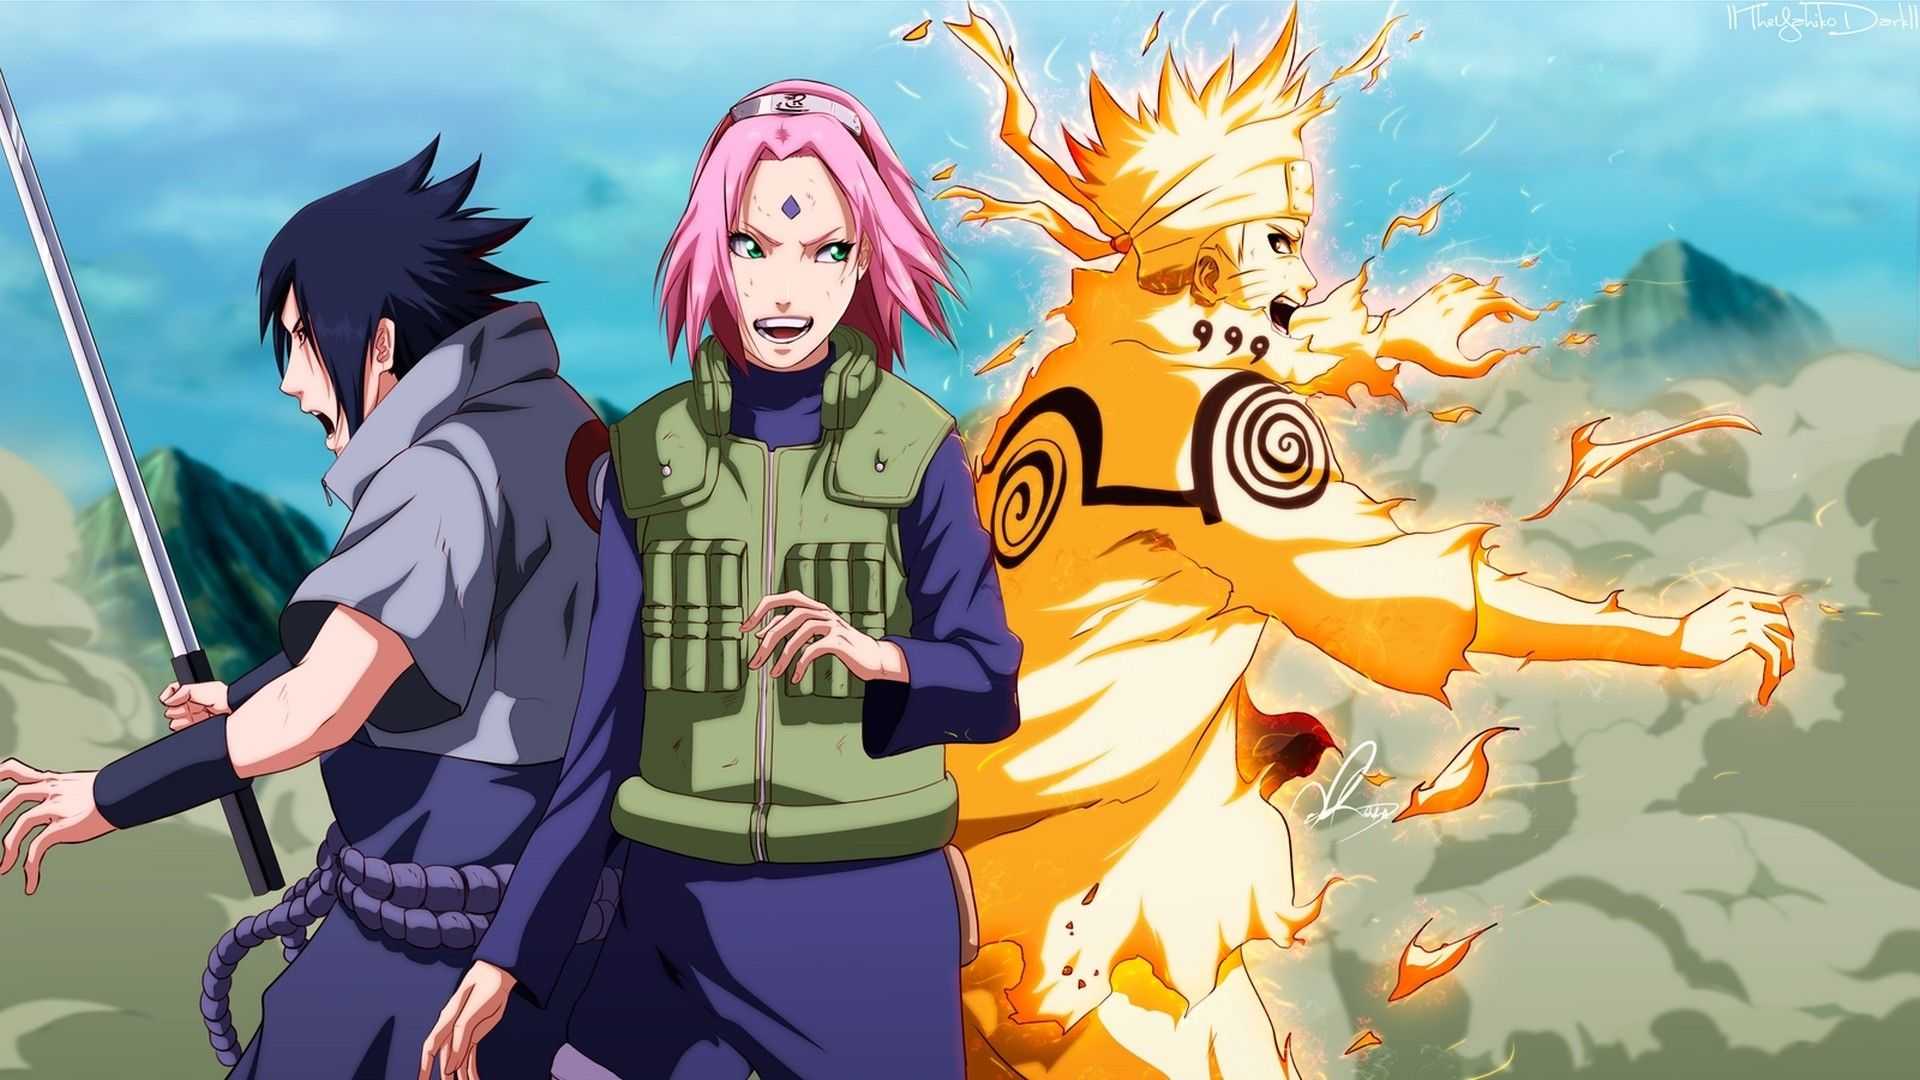 Naruto Sasuke Sakura Wallpapers Top Free Naruto Sasuke Sakura